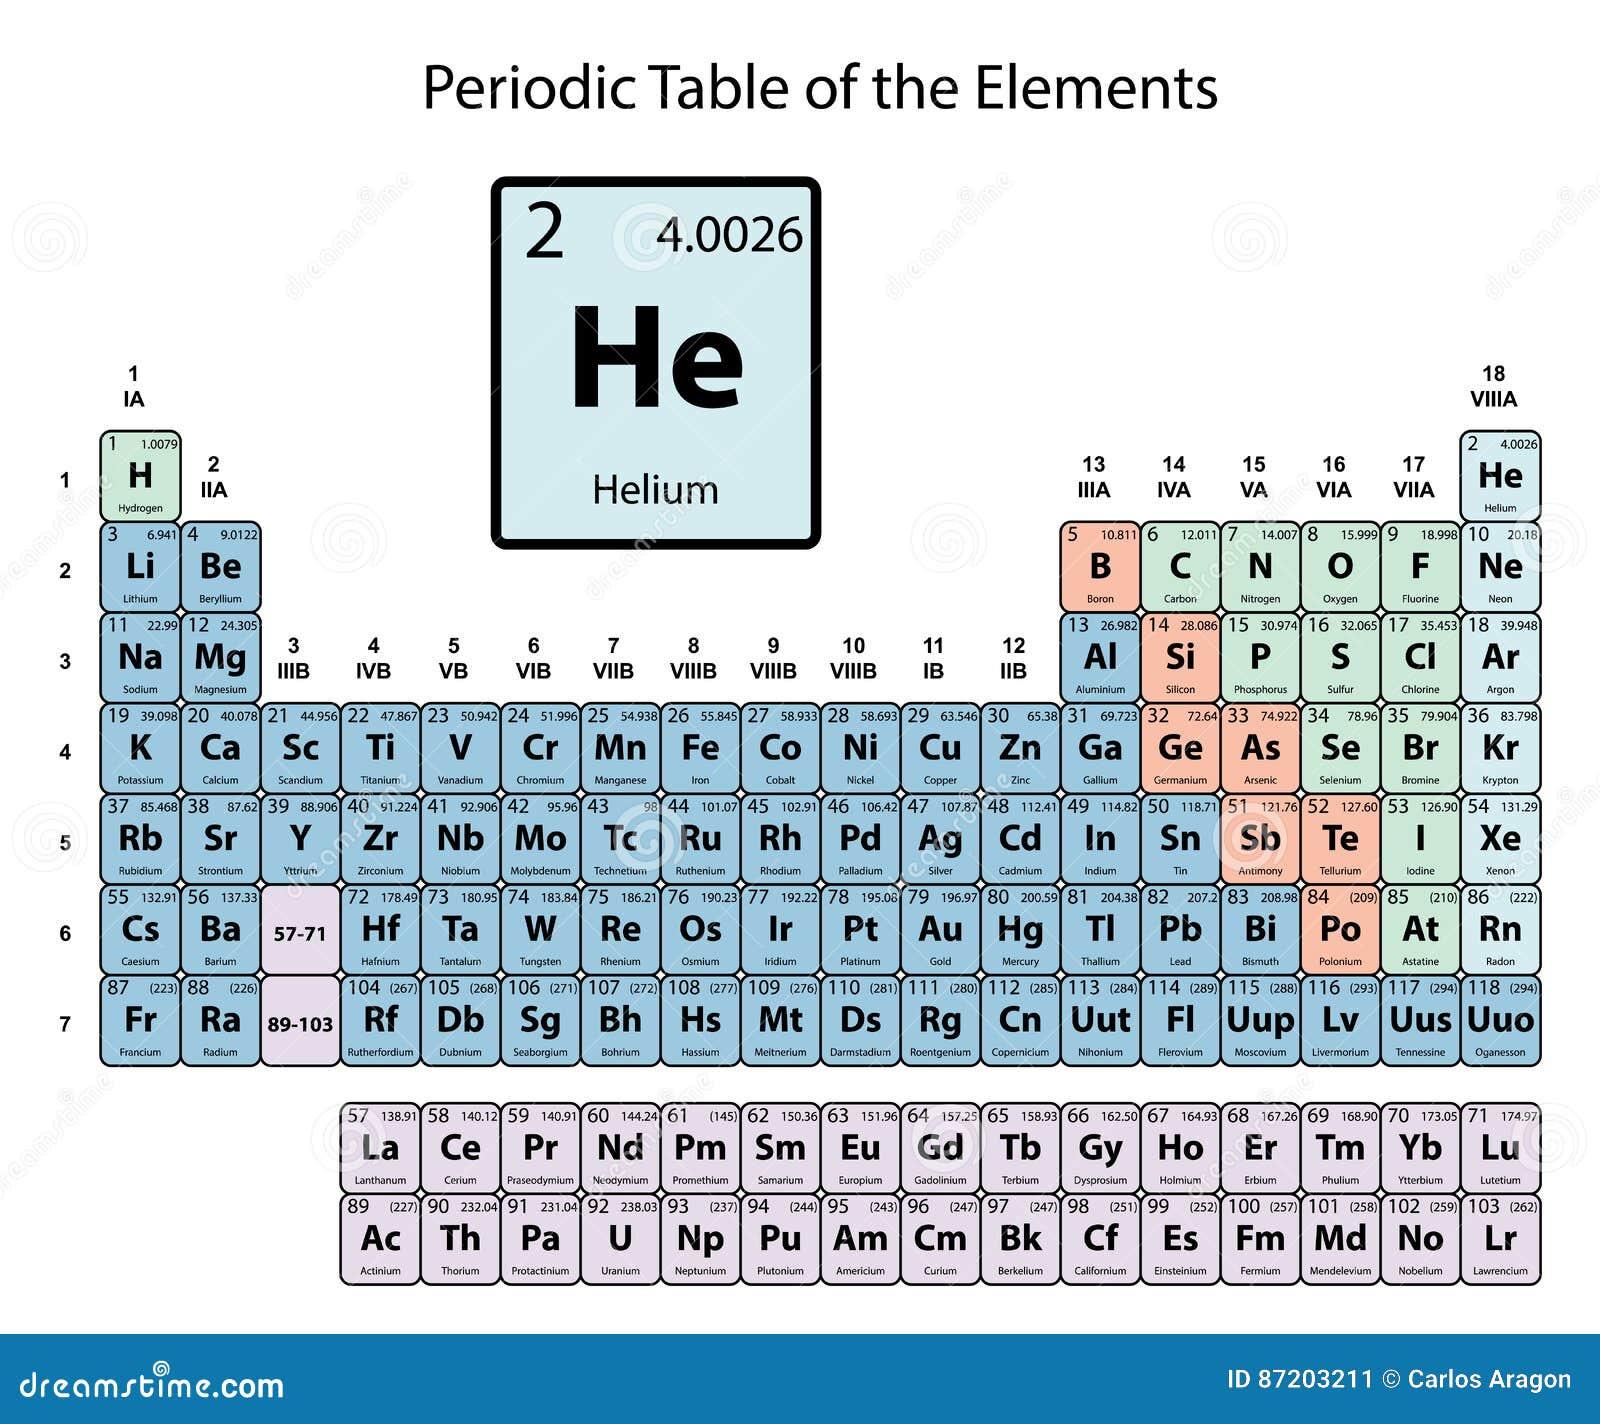 tabla periodica nombre simbolo image collections periodic table tabla periodica nombre simbolo numero atomico gallery periodic - Tabla Periodica Con Nombre Simbolo Y Numero Atomico